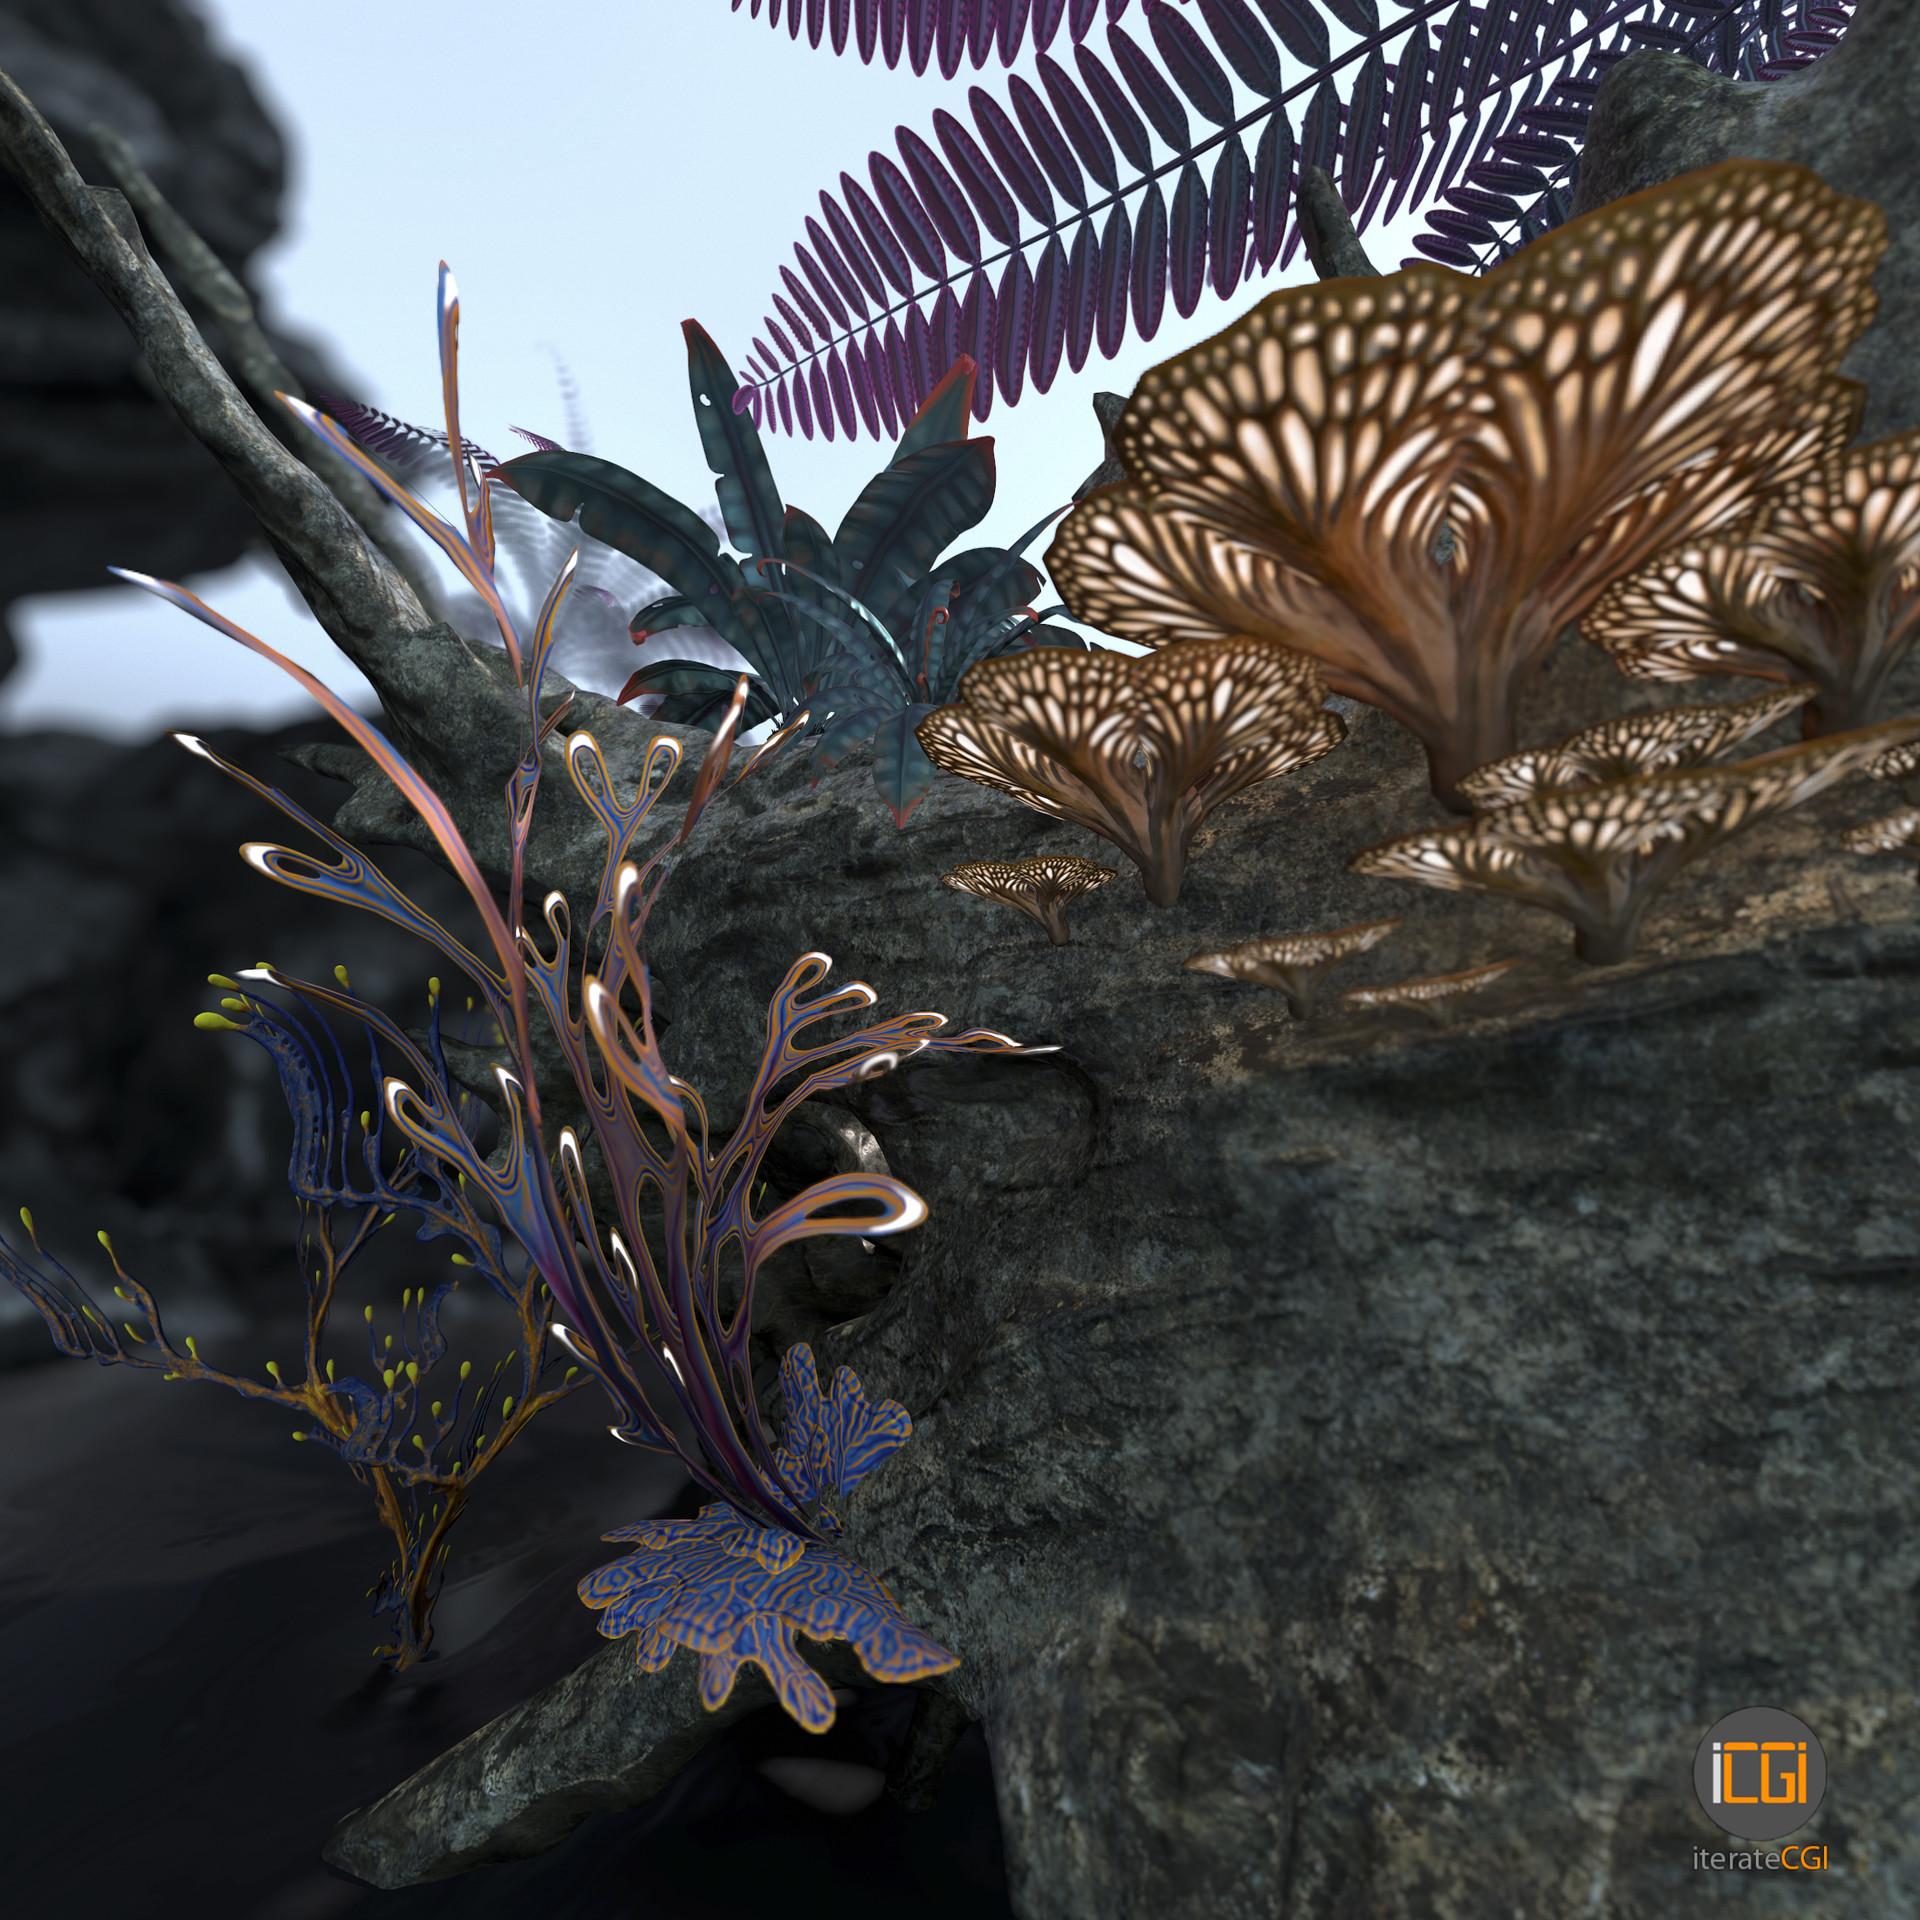 Johan de leenheer alien plant collection33